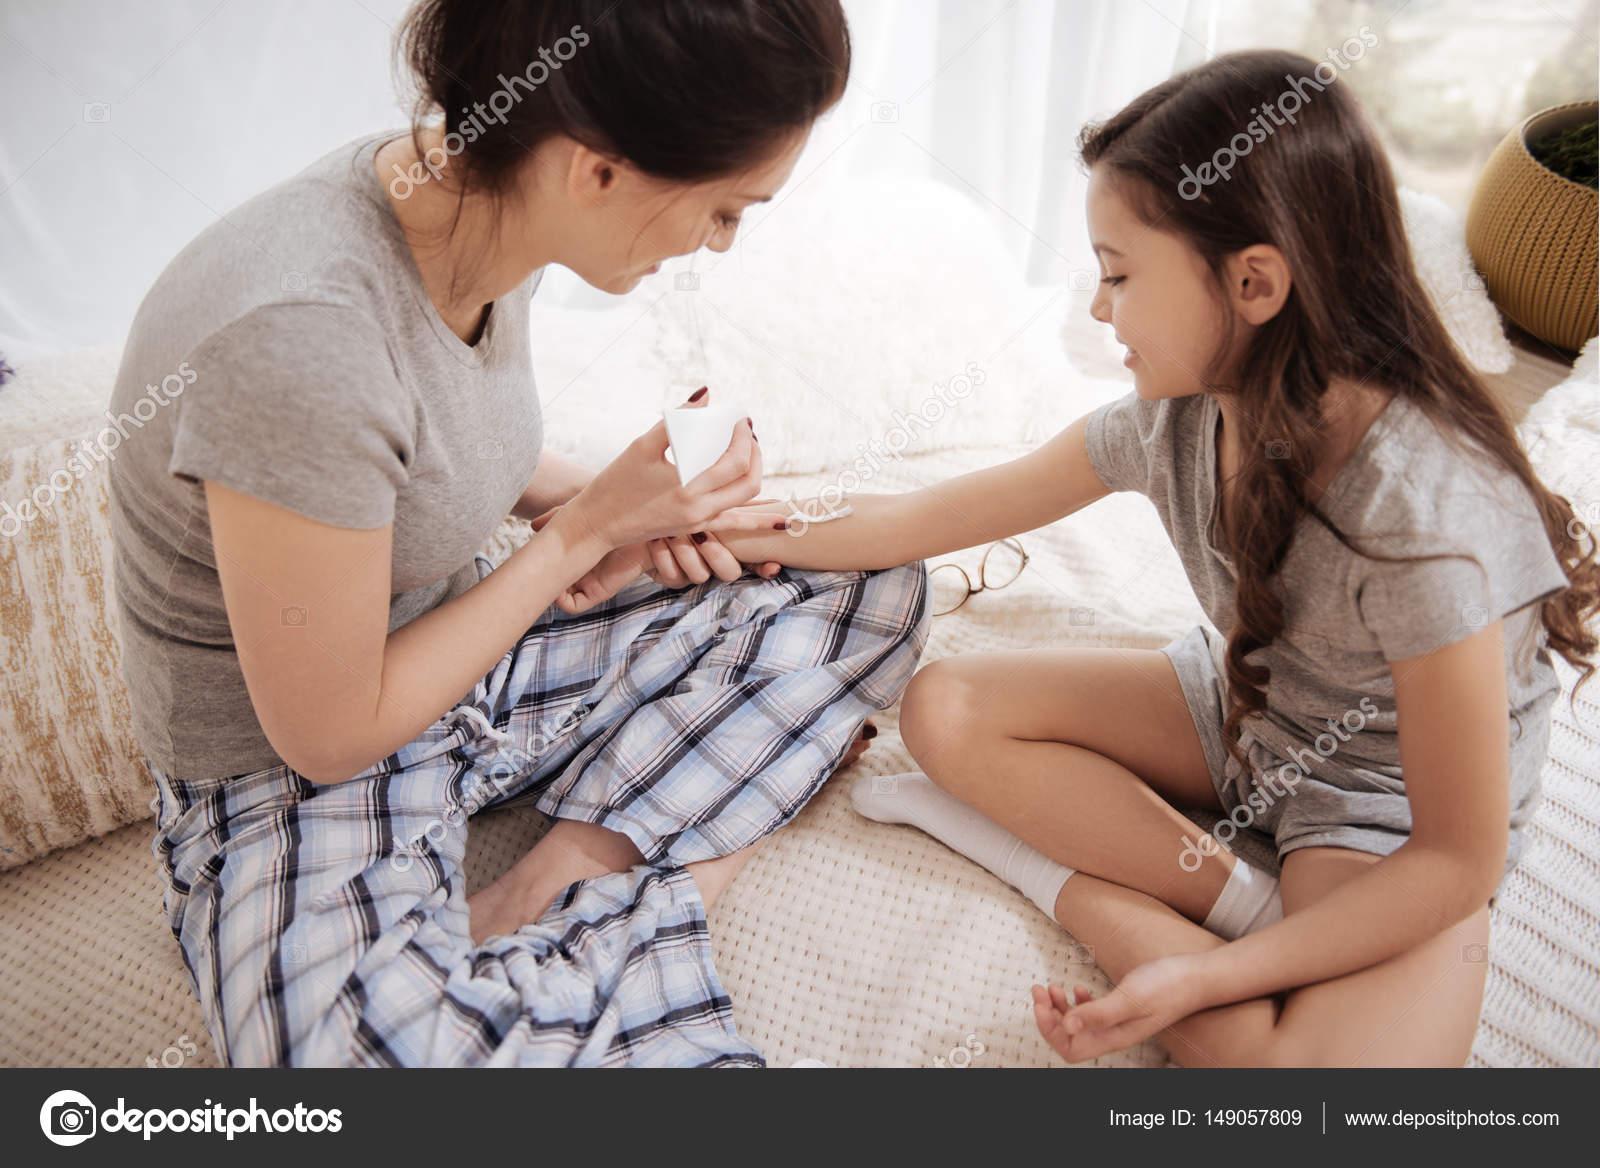 mamma insegnare figlia per sesso gli uomini bianchi scopano la figa nera